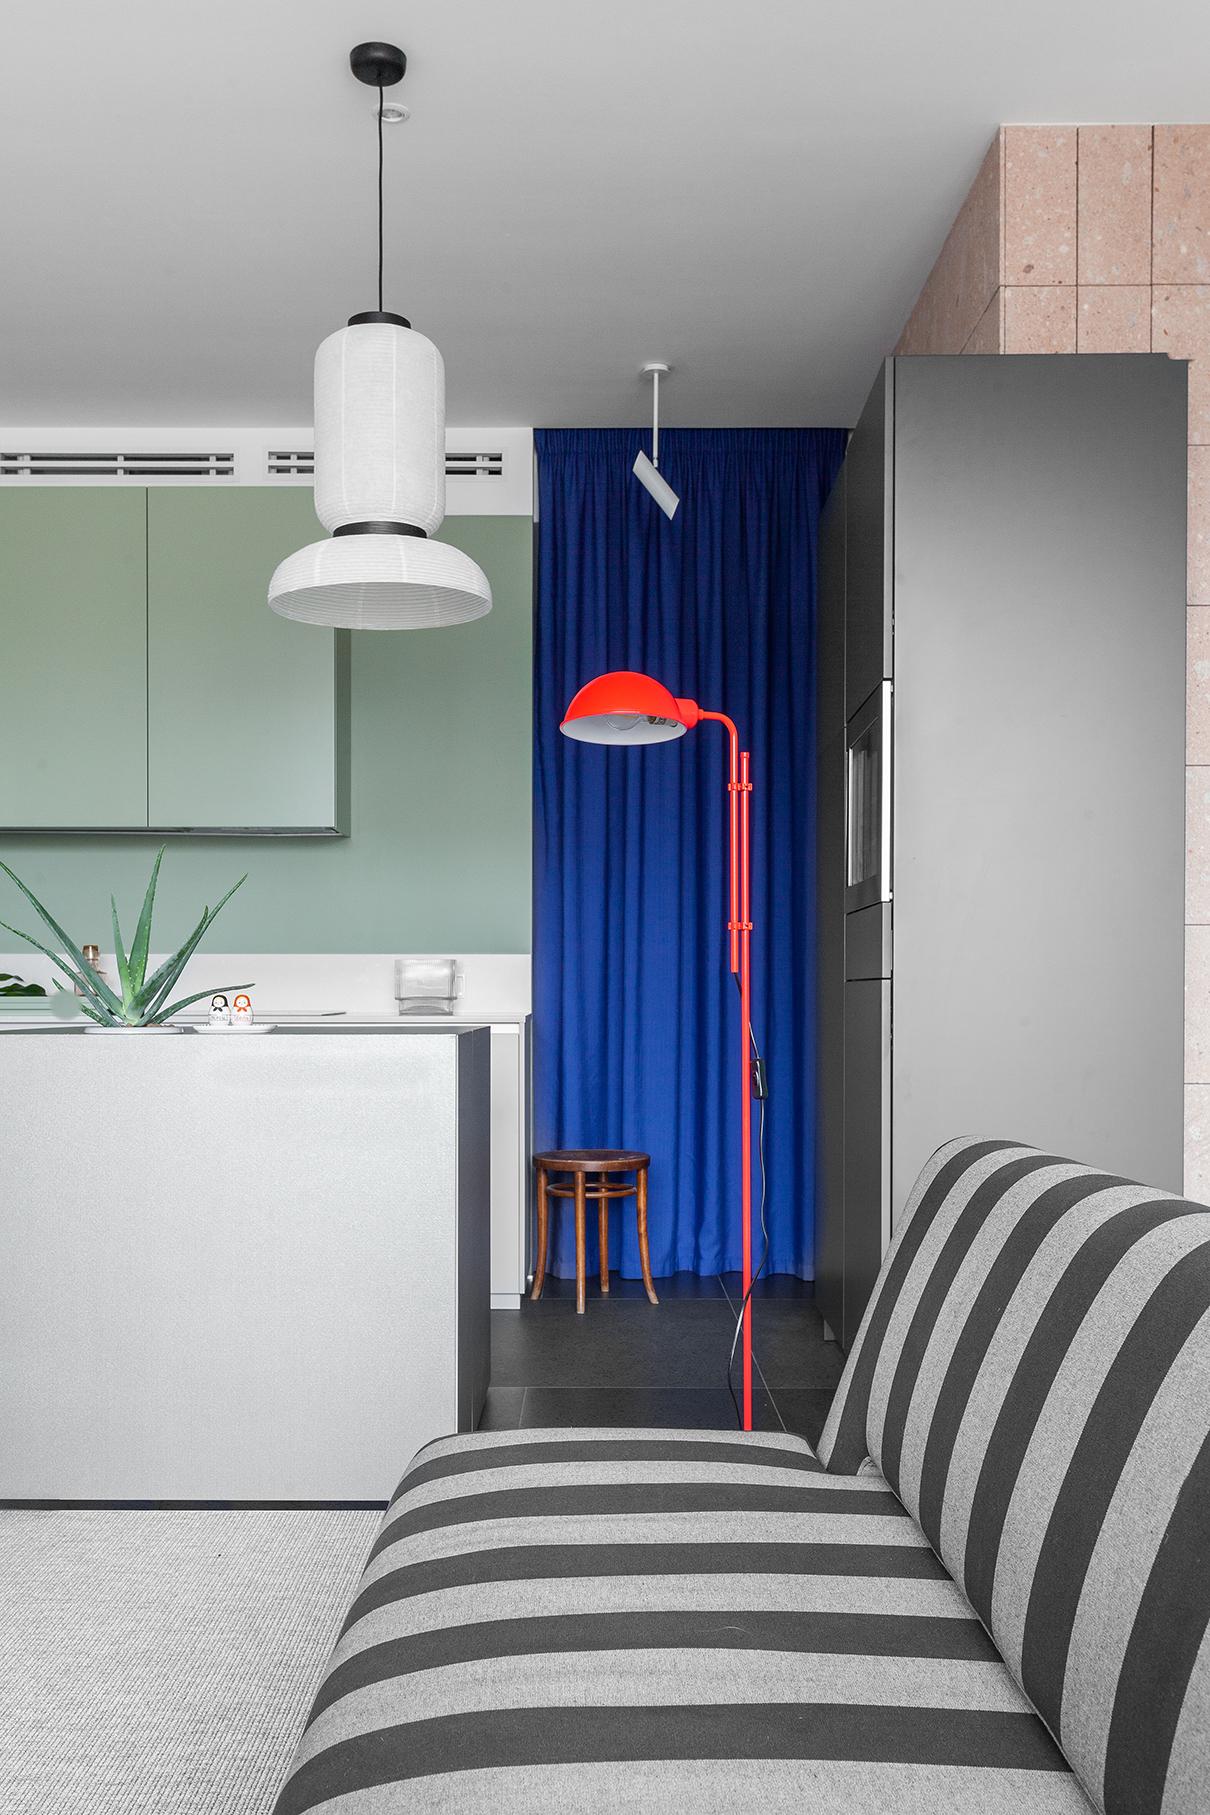 Напольный торшер— Marset. Диван— Innovation Living. Светильник над кубом— Formakami, дизайн Хайме Айона для &Tradition